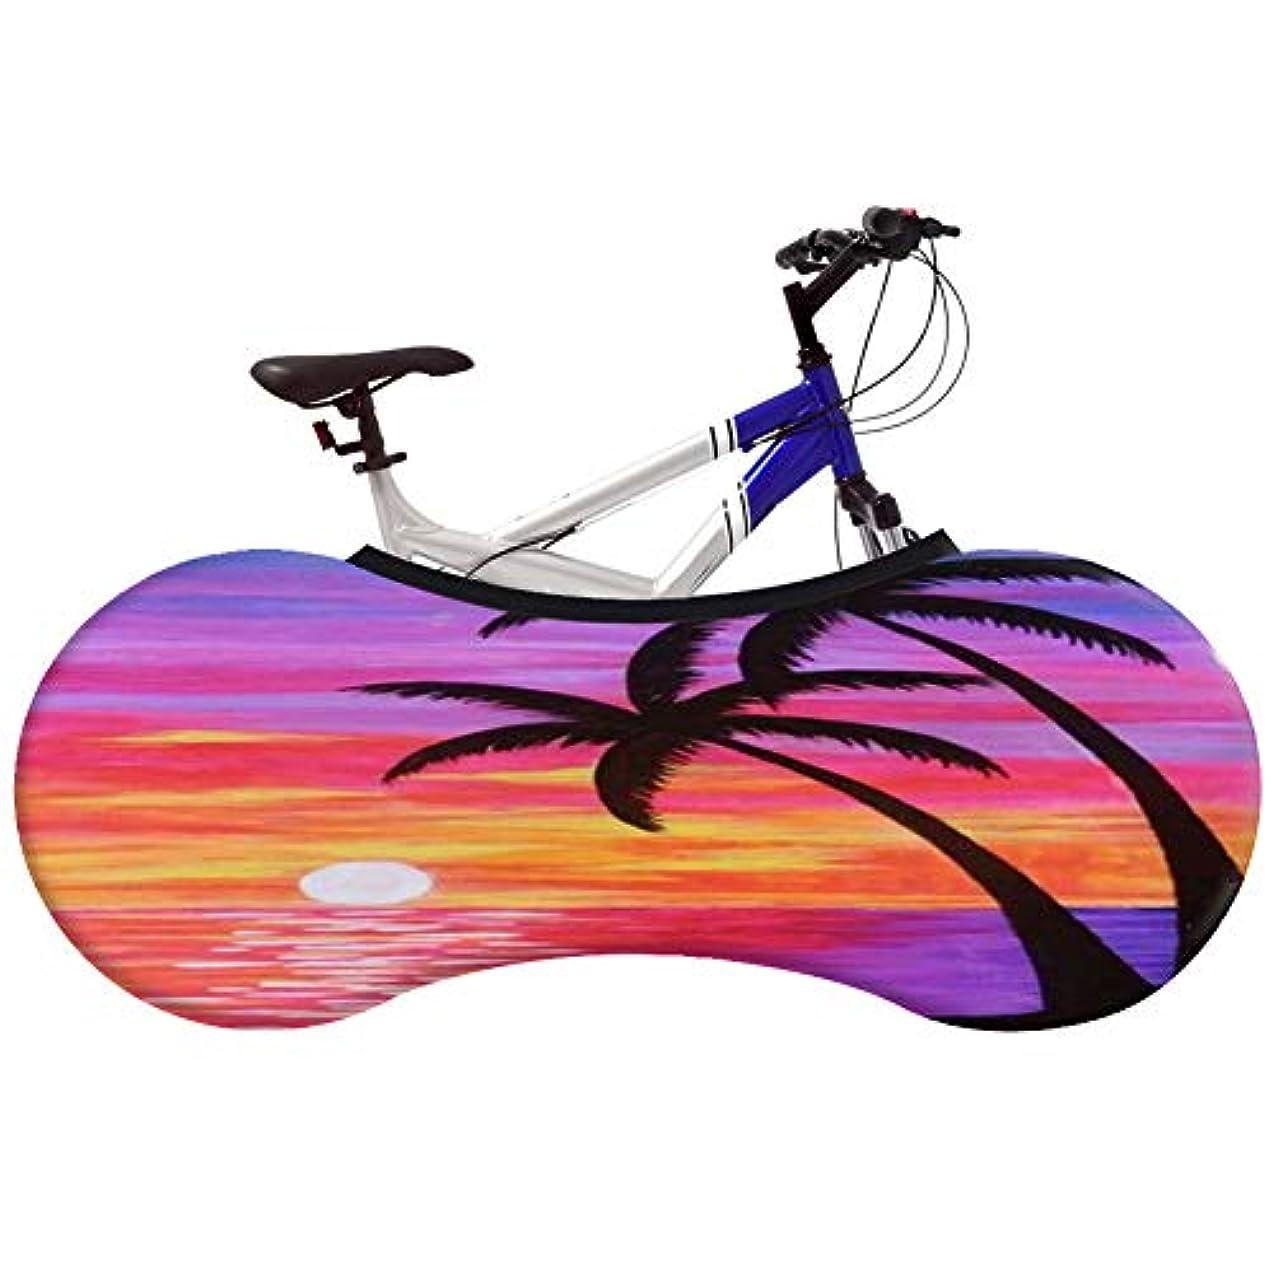 散髪ロータリー一晩屋内マウンテン自転車のホイールカバー洗える弾性タイヤパッケージアンチダストスクラッチプルーフバイク収納袋